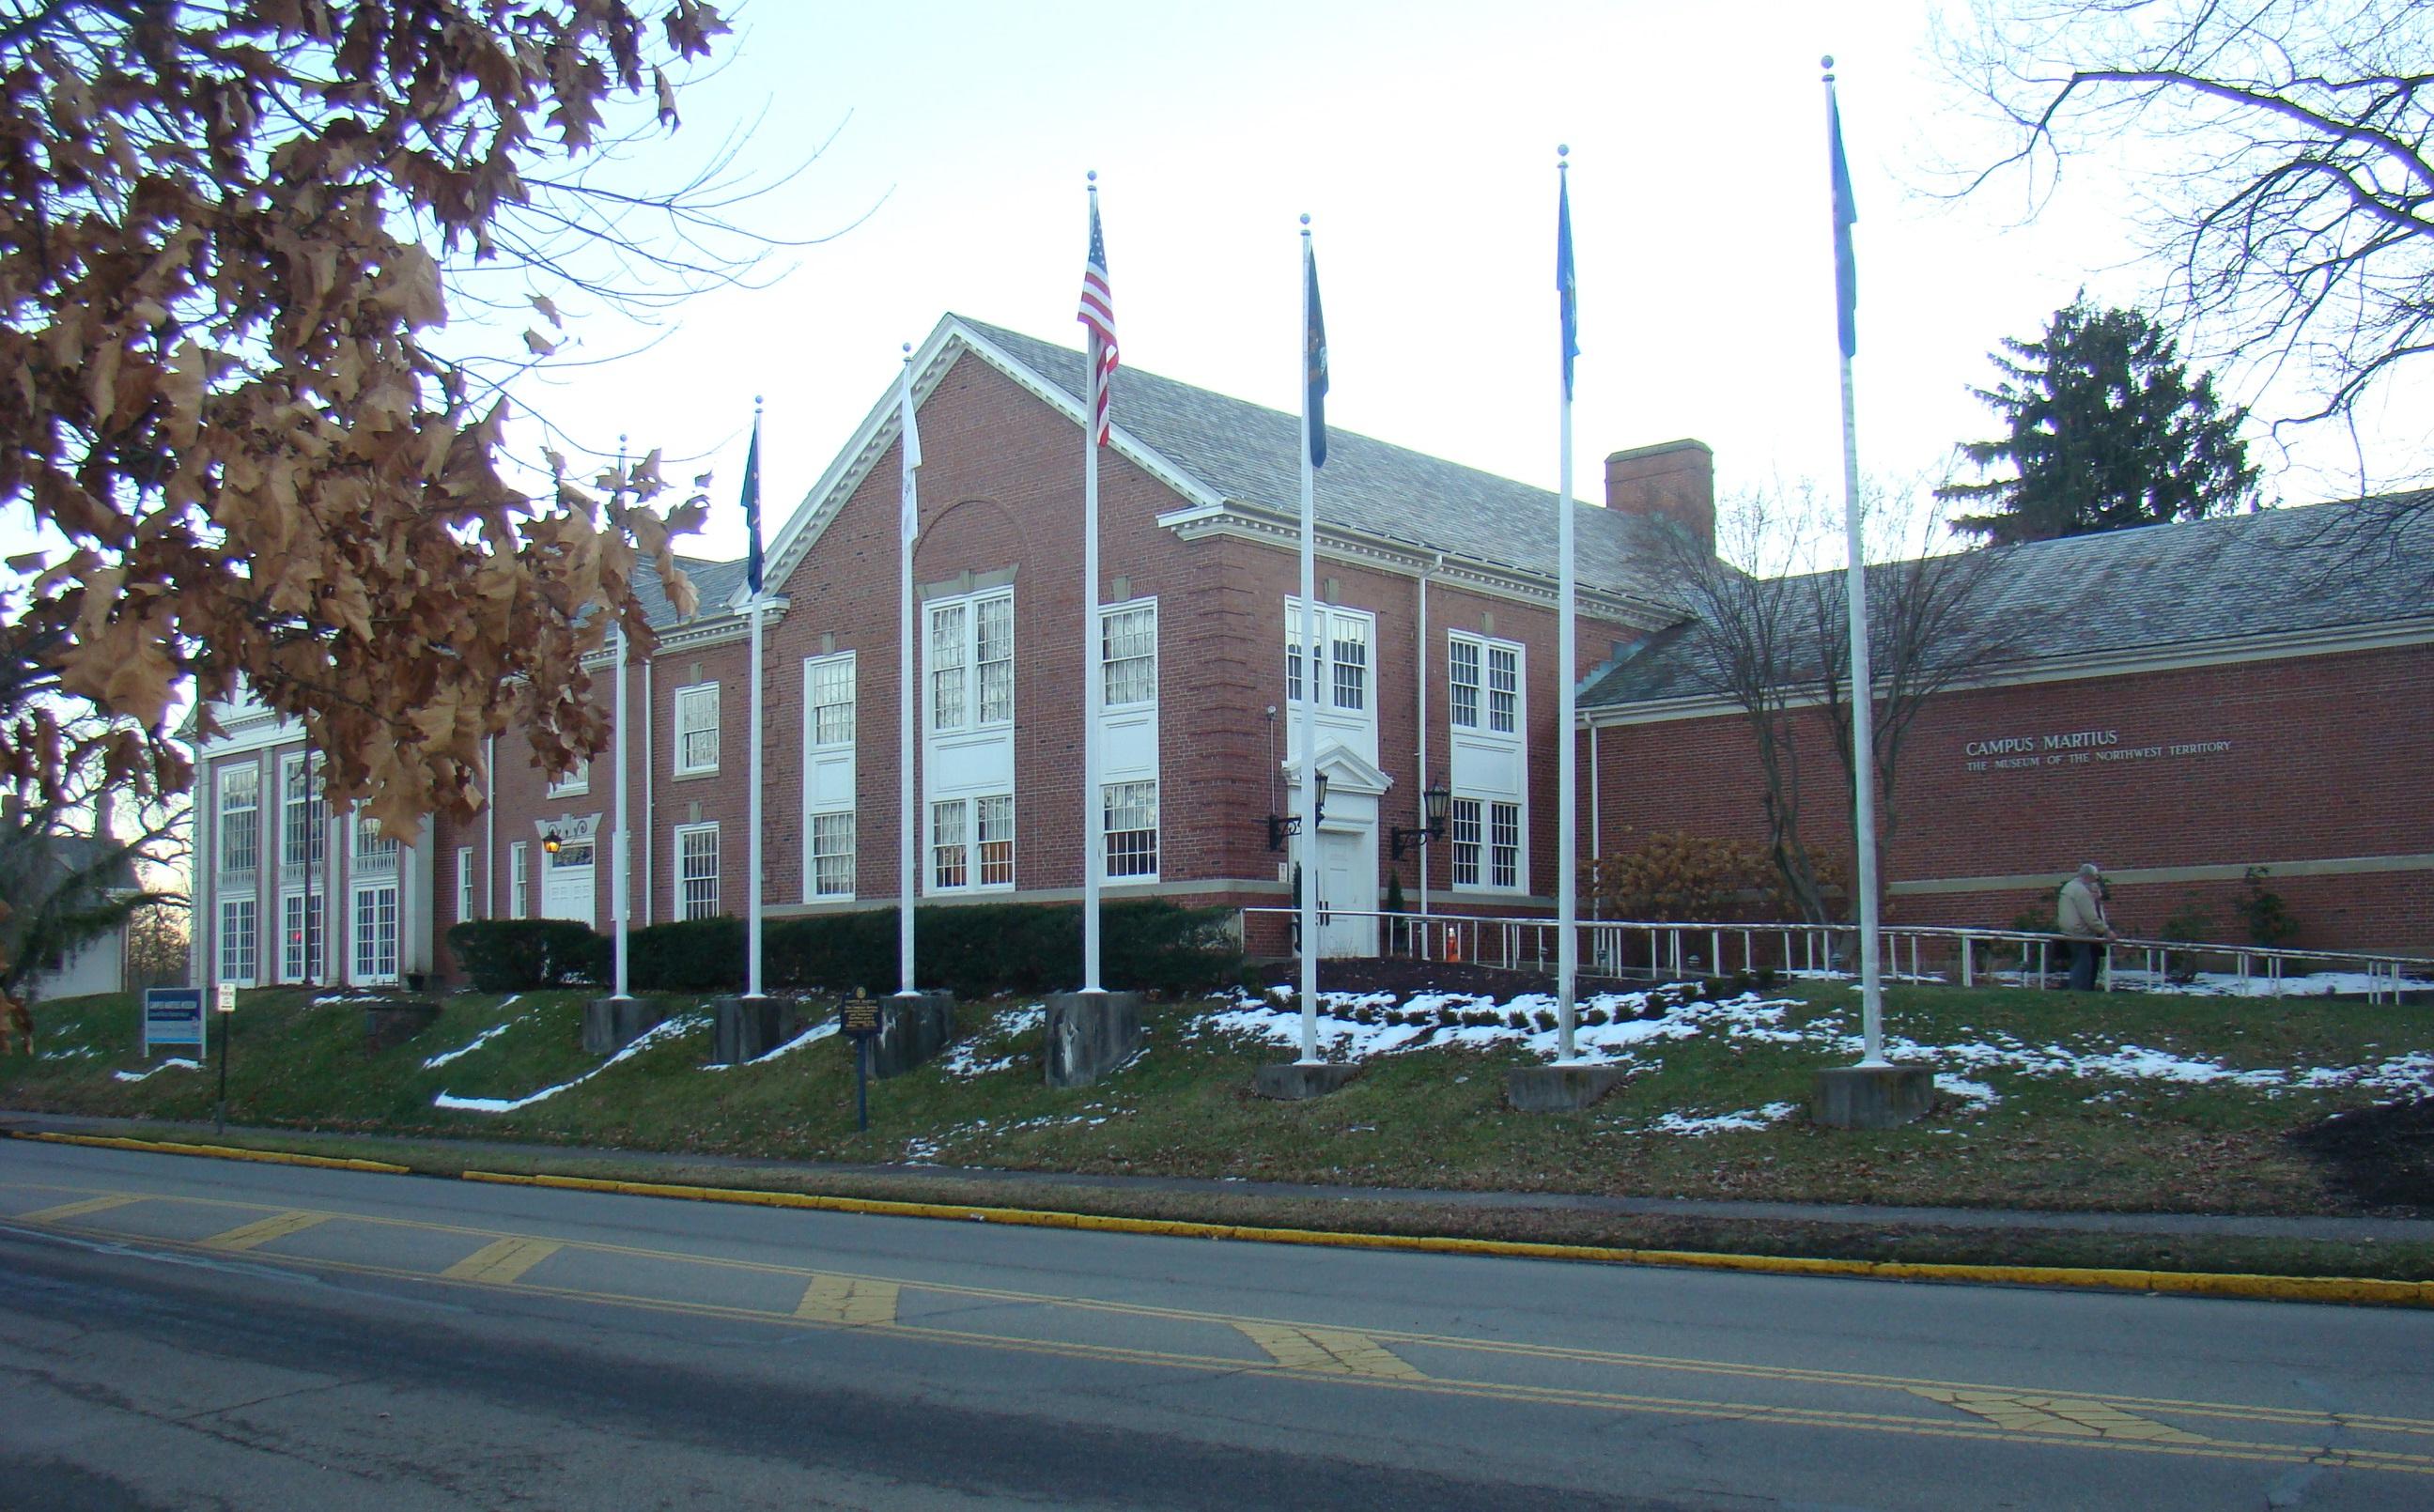 Campus Martius Museum in Marietta, Ohio